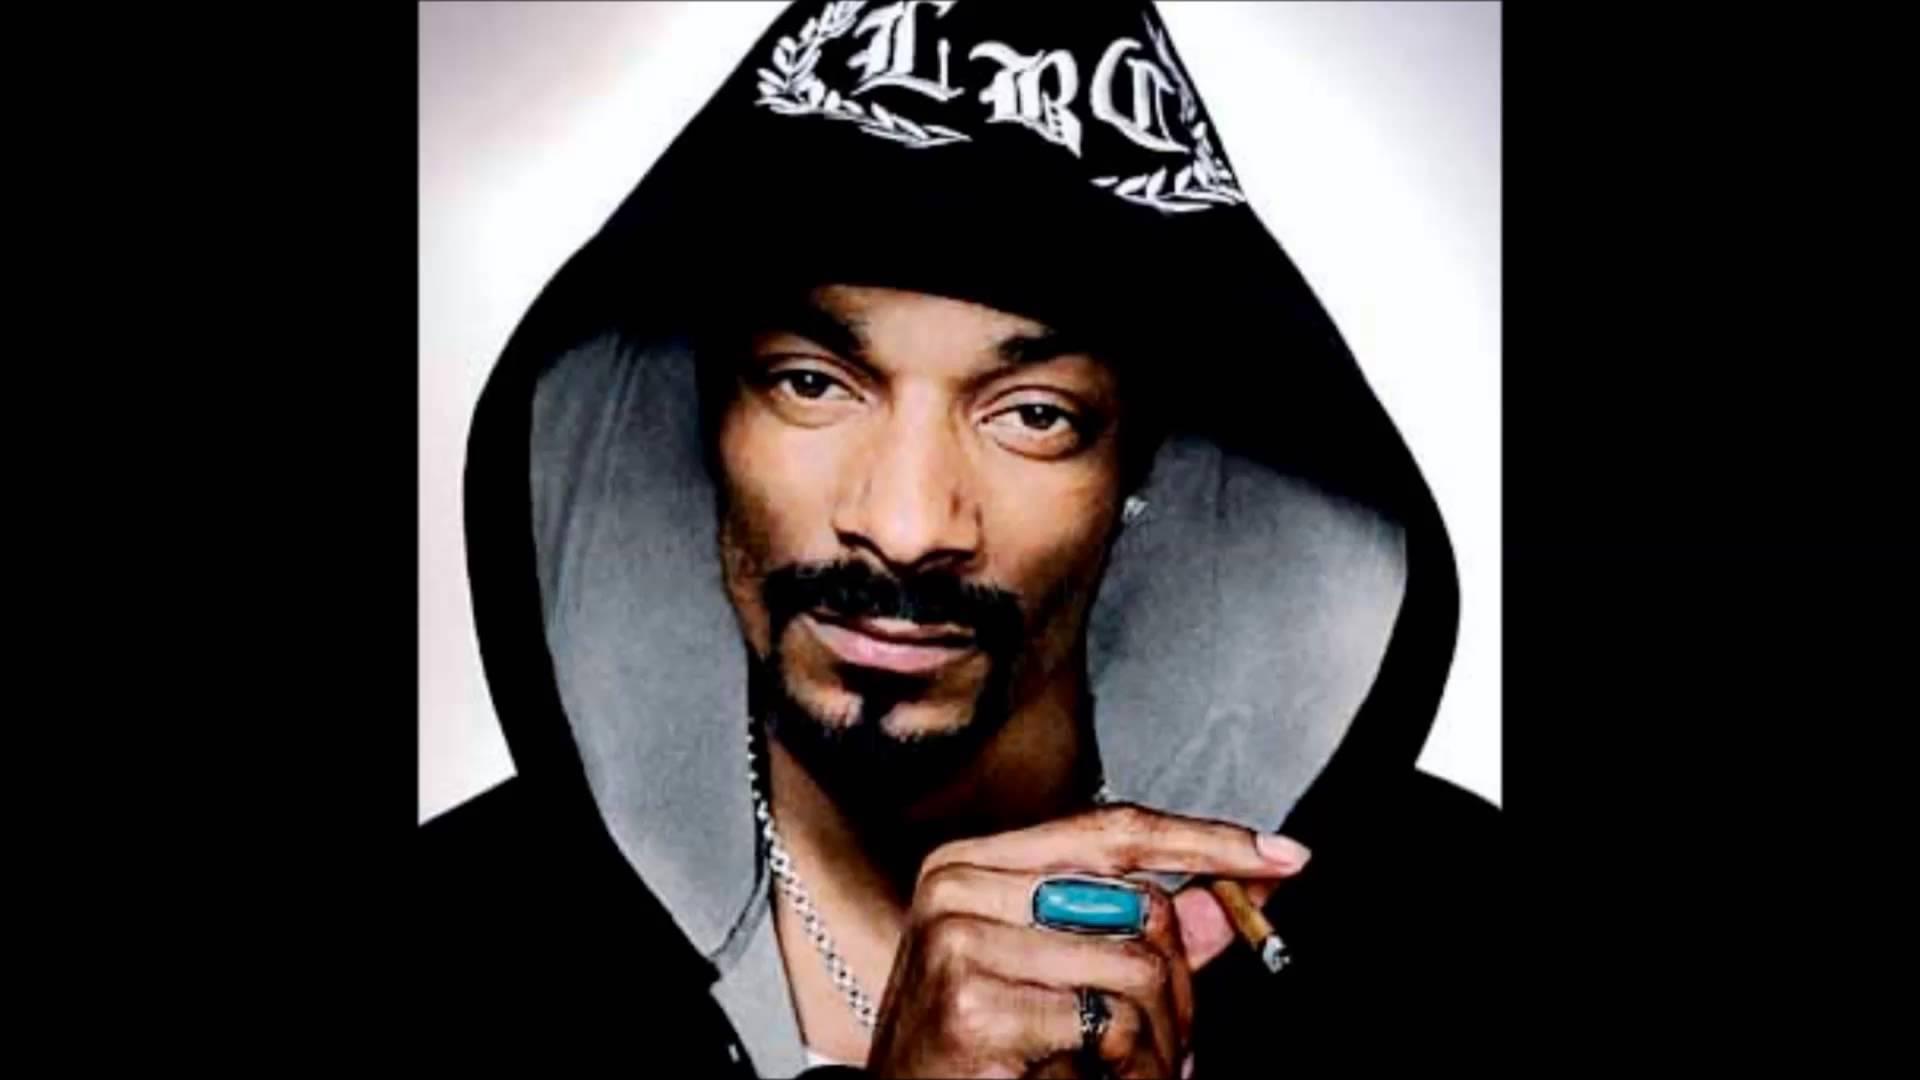 Snoop Dogg Арнольду Шварценеггеру: «Тырасистский кусок д.ма»